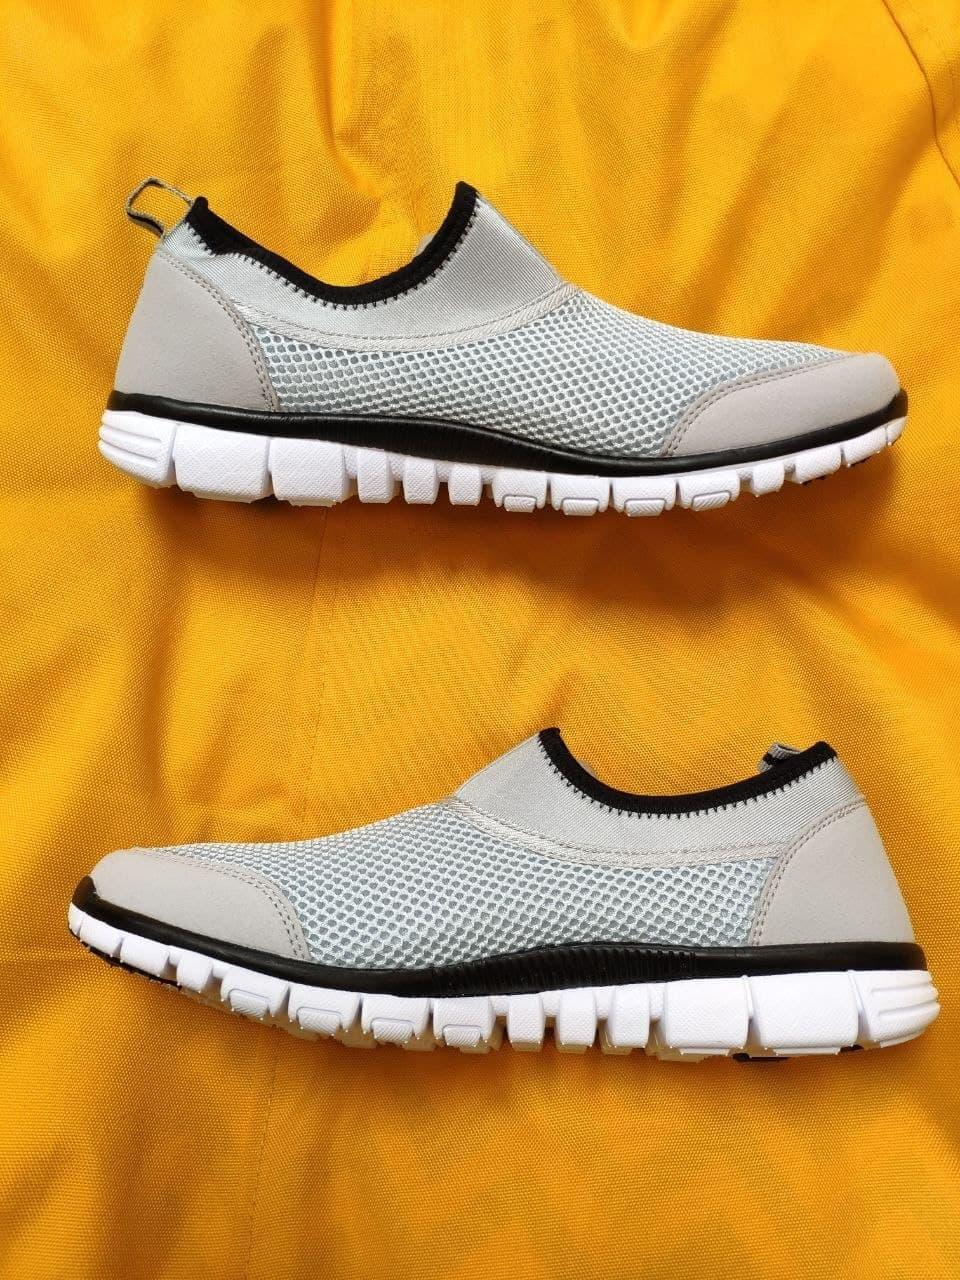 Мужские кроссовки Nike без шнурков (серые) D102 модная летняя легкая обувь